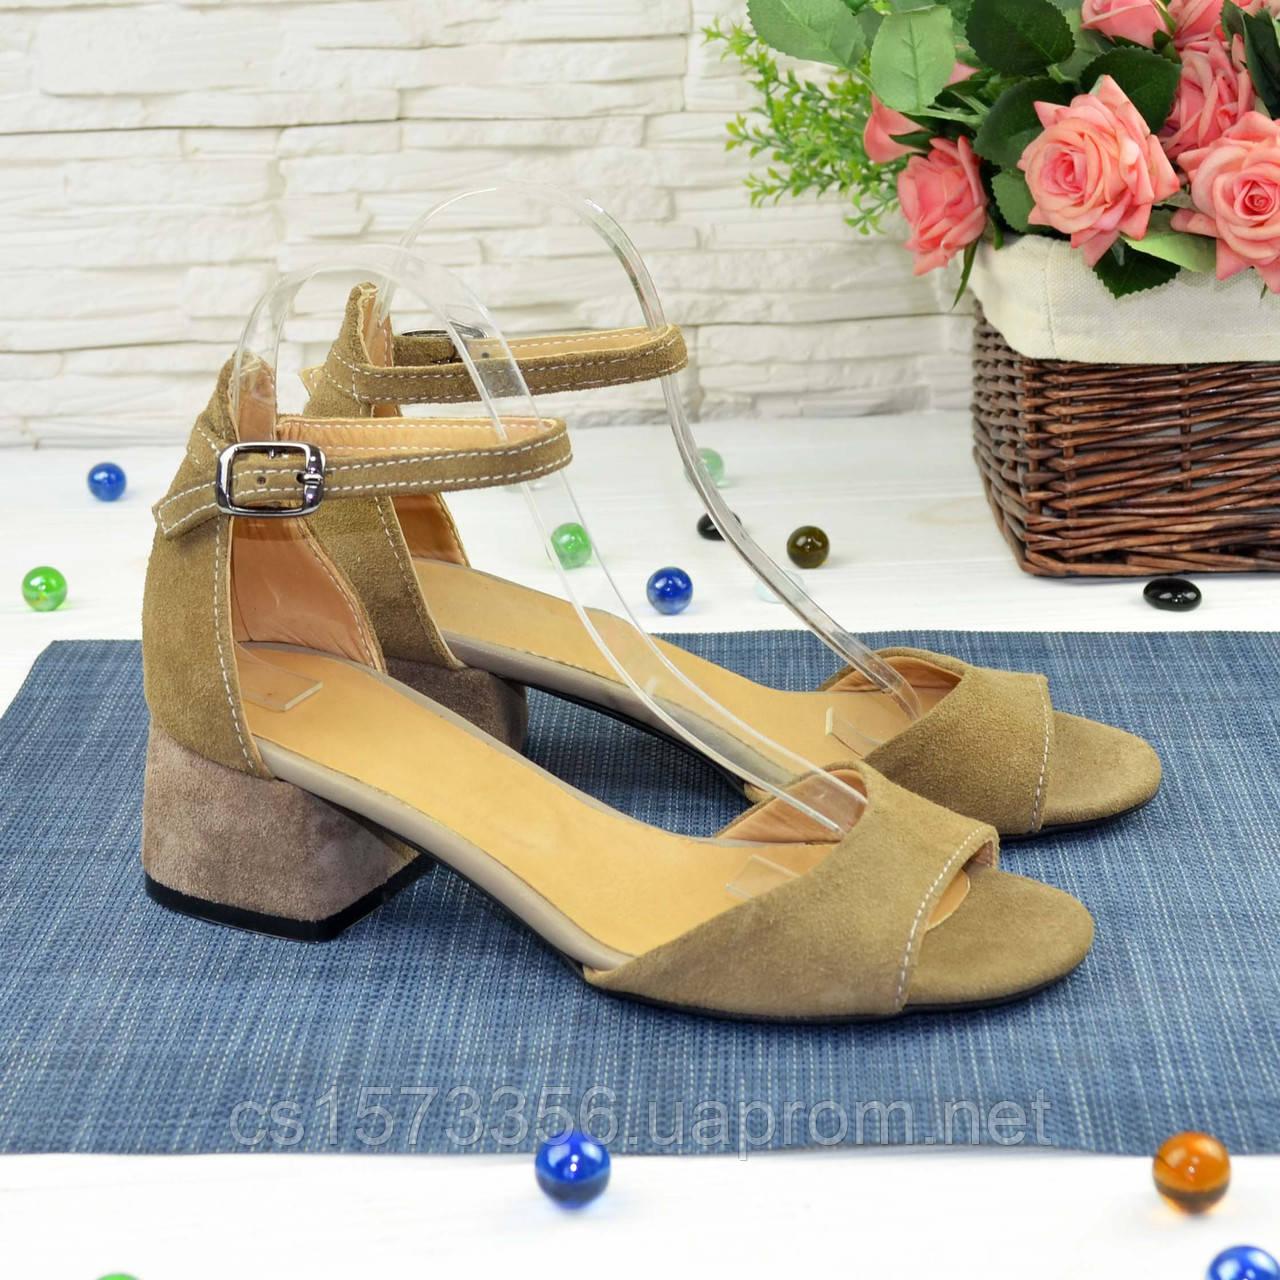 Босоножки женские замшевые на невысоком каблуке, цвет бежевый. 38 размер